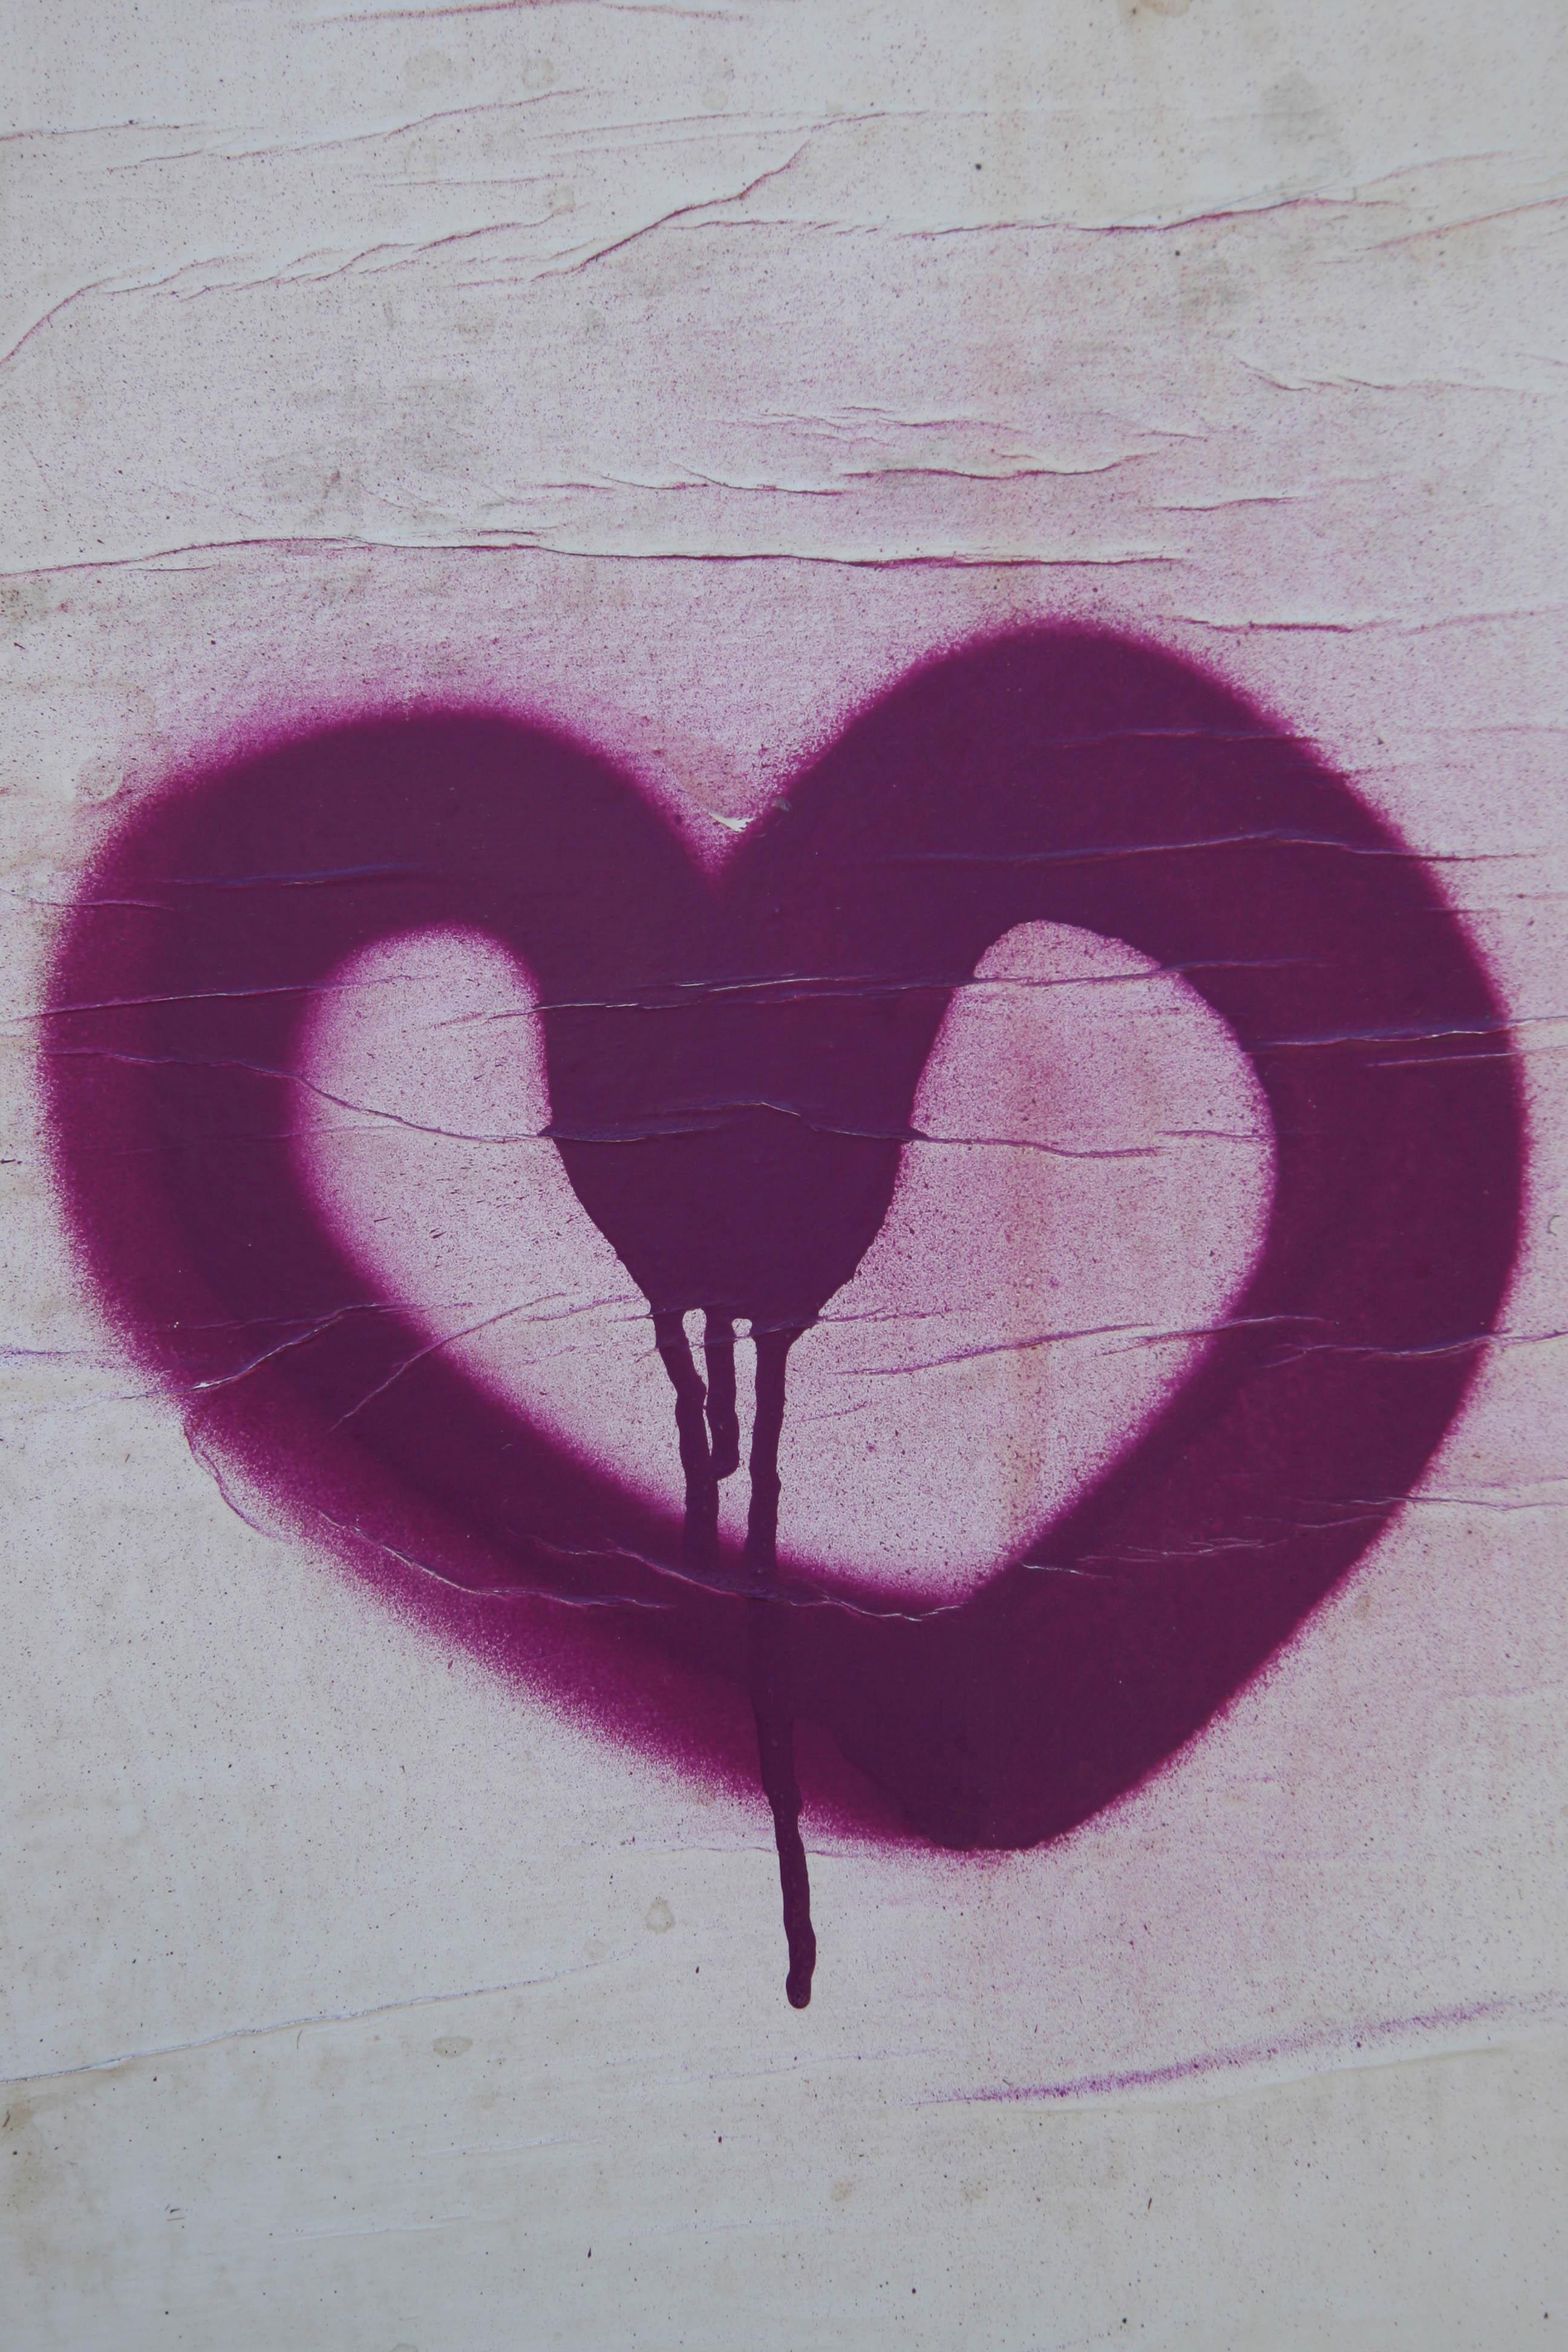 Purple Heart: Street Art in Berlin - Artist Unknown